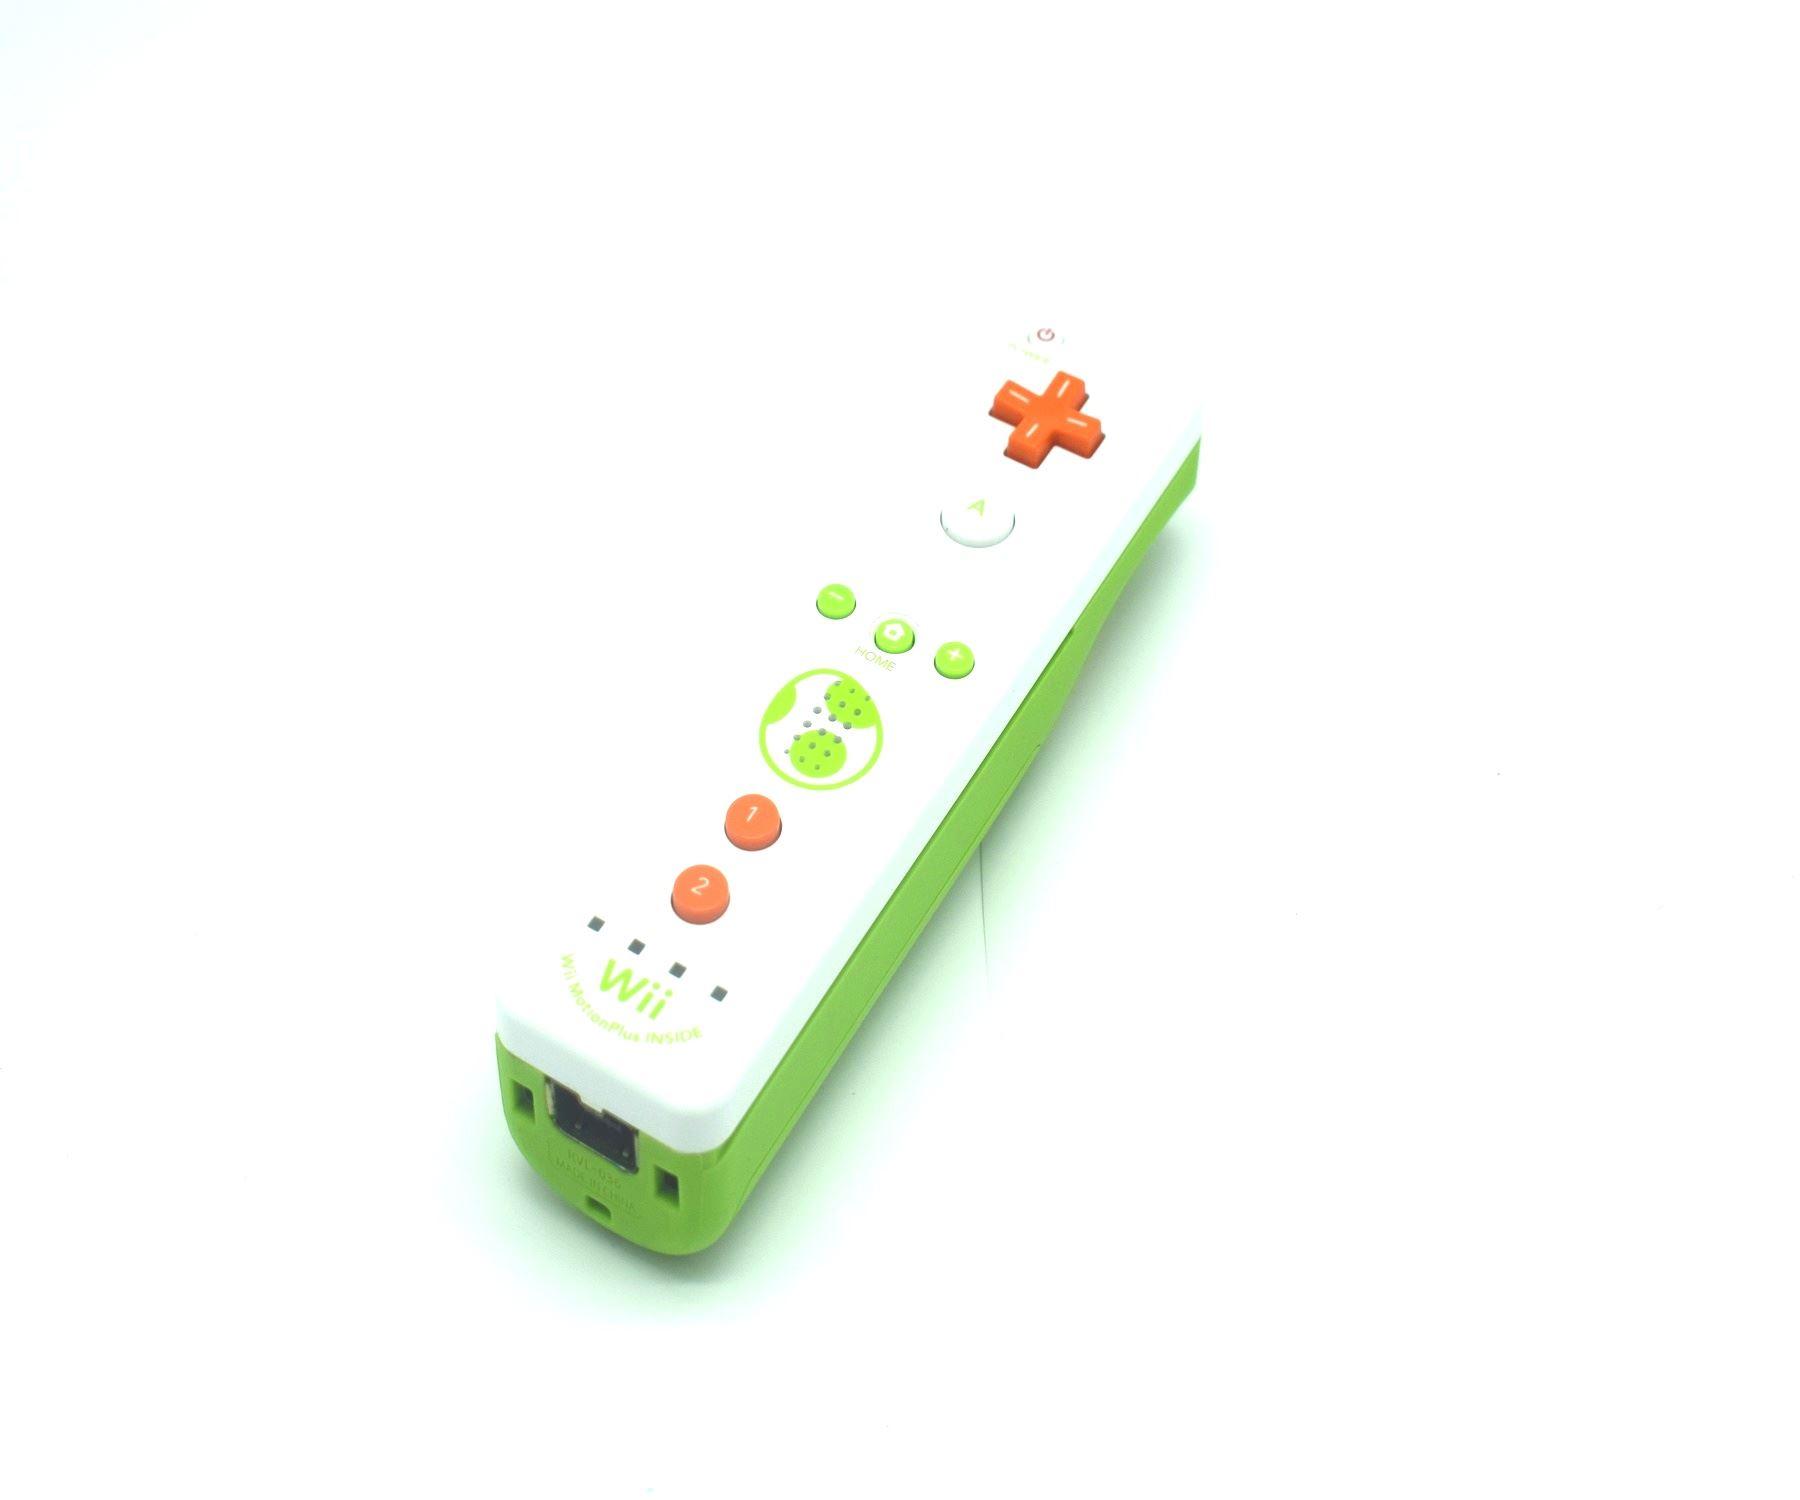 Official-Nintendo-Wii-amp-Remote-U-Plus-Genuine-Original-Controller miniatuur 91